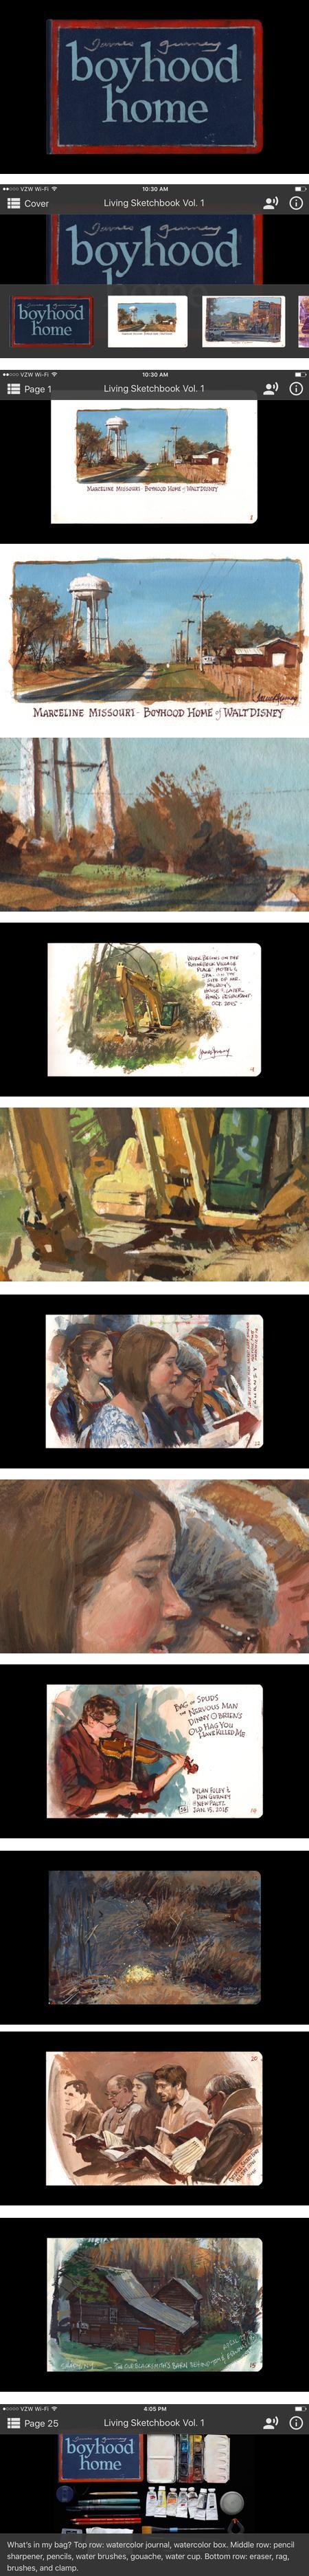 James Gurney's Living Sketchbook app